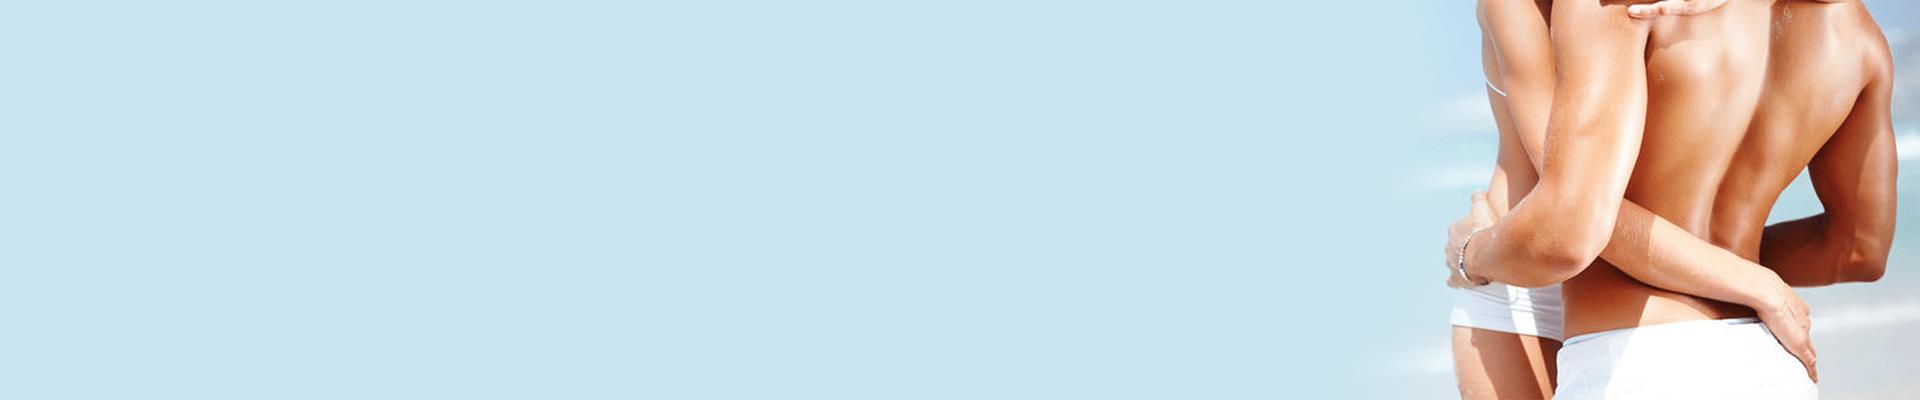 [:fr]Chirurgie intime Nabeul : amélioration apparence des parties sexuelles prix[:ar]جراحة الأعضاء التناسلية نابل : سعر تحسين مظهر الأعضاء التناسلية [:]